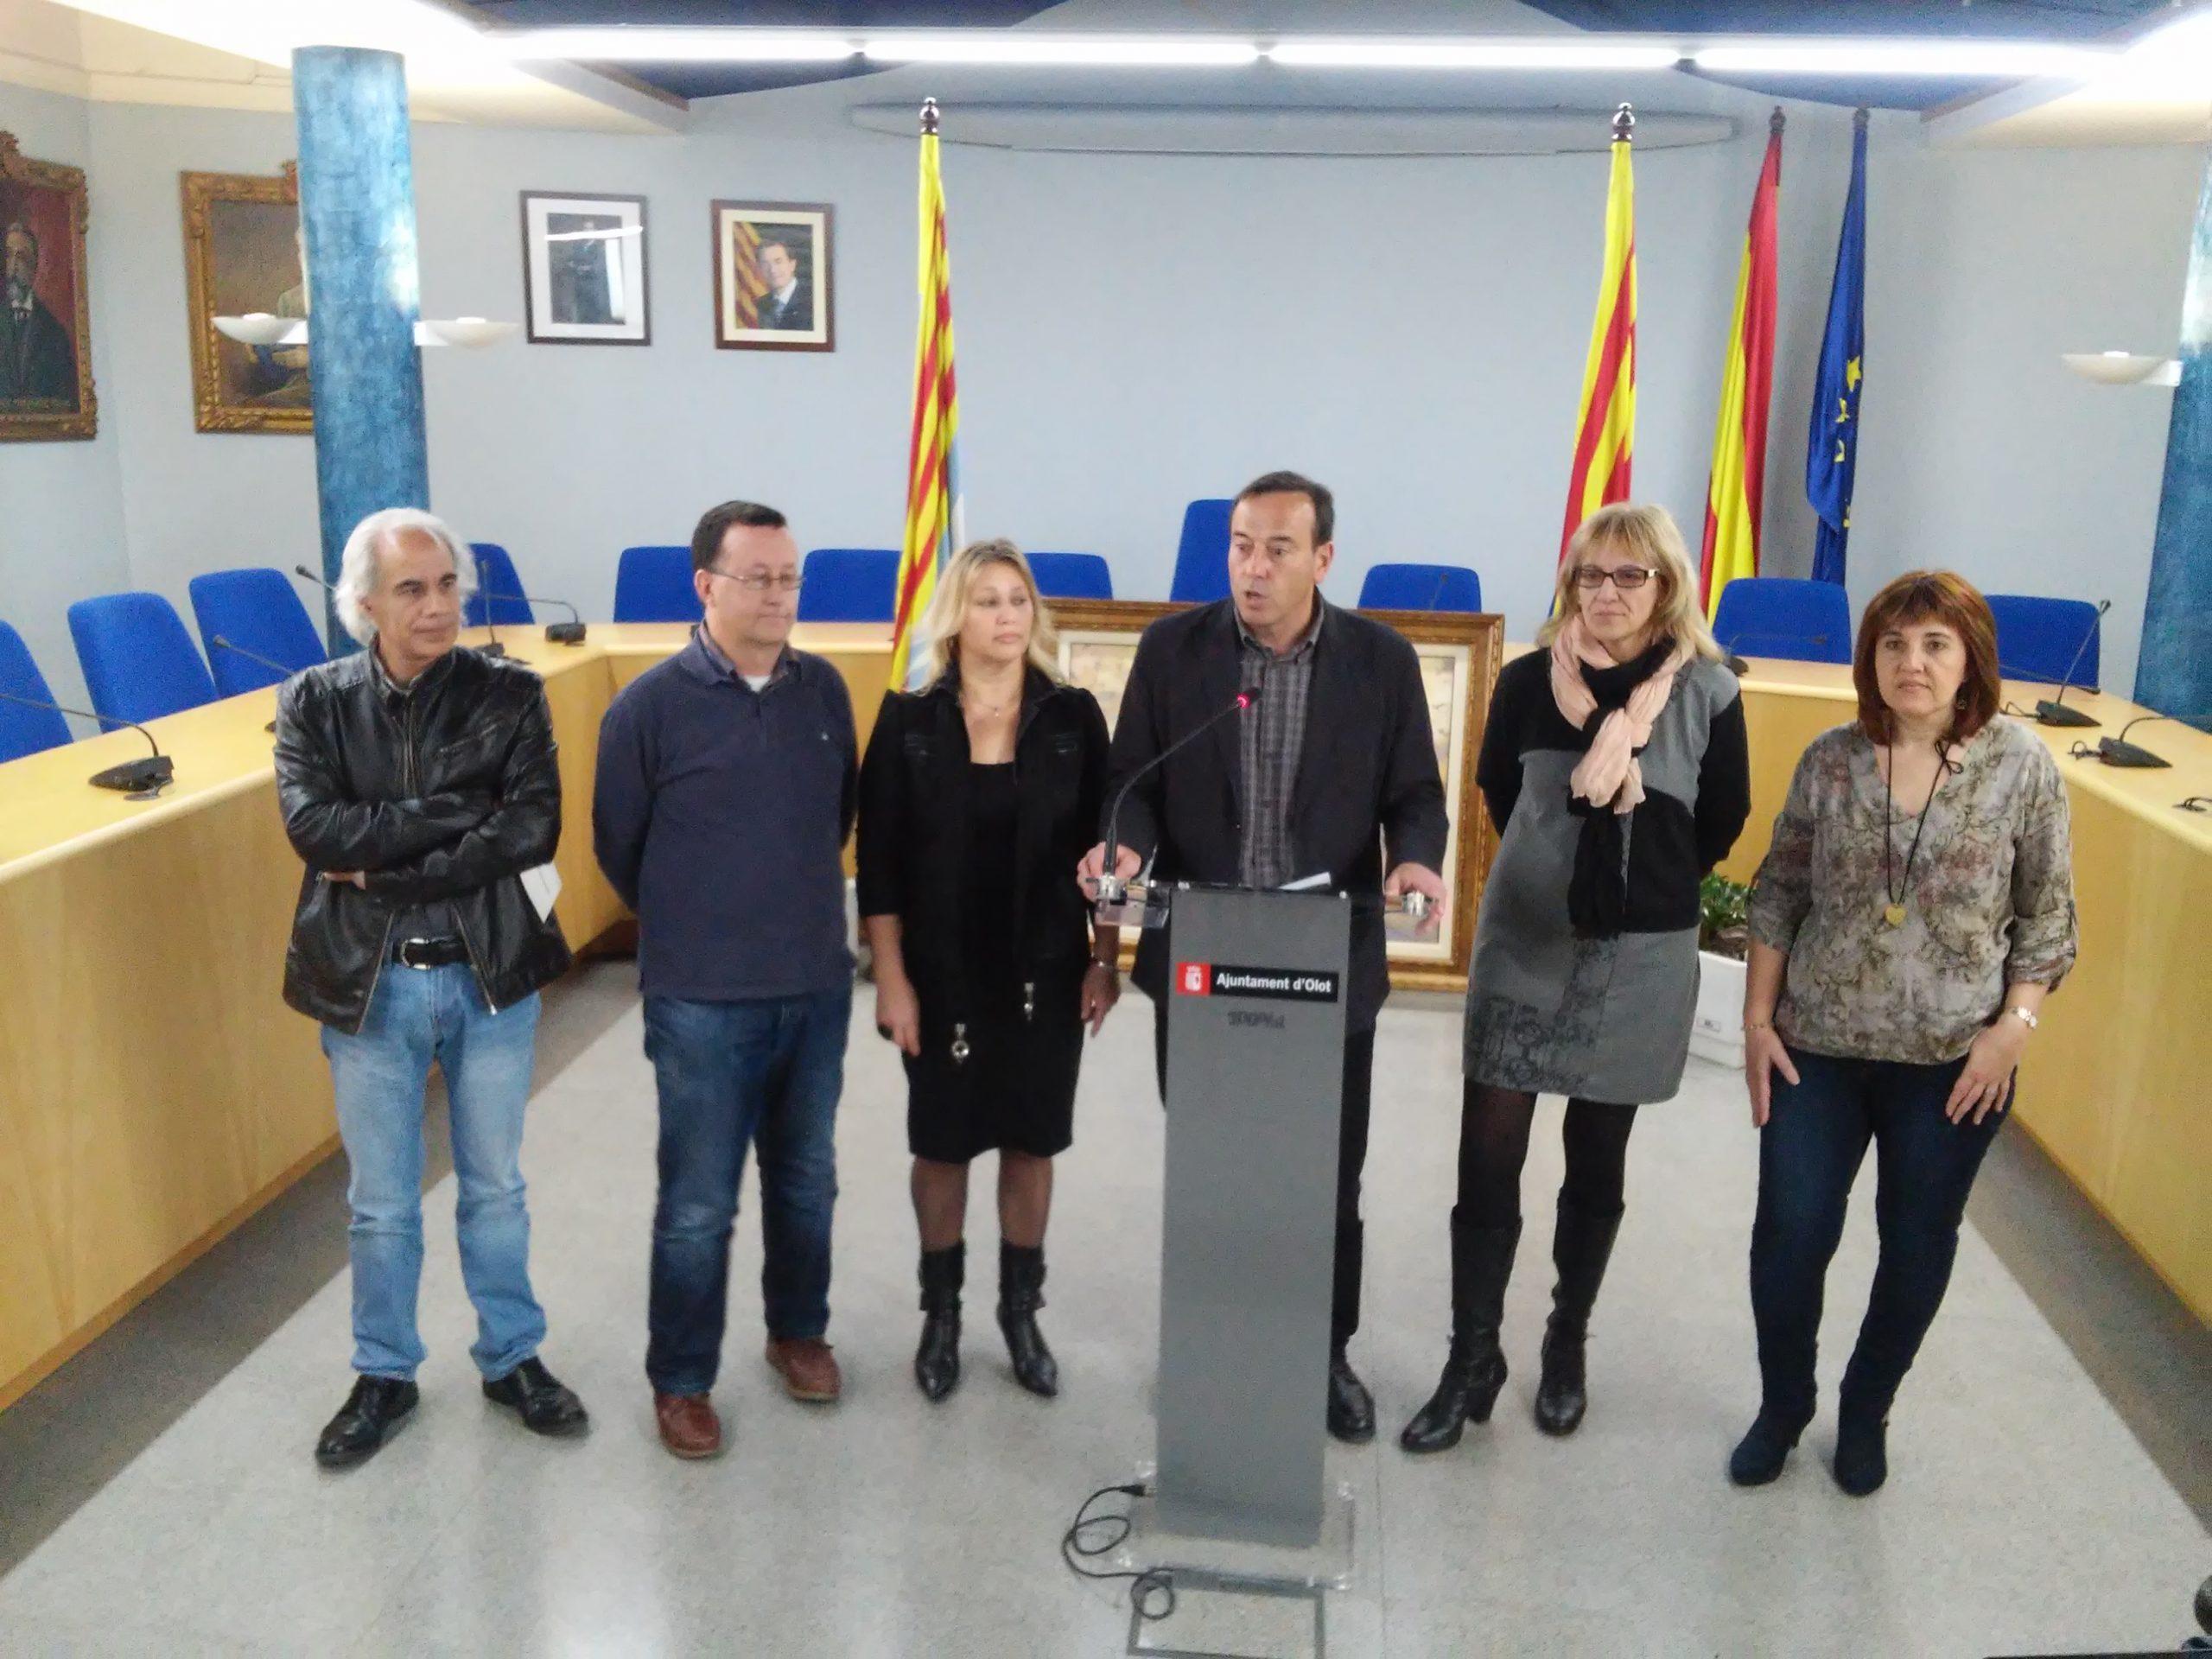 Neix l'associació Garrotxa Cultural per incentivar i ajudar l'organització d'actes culturals